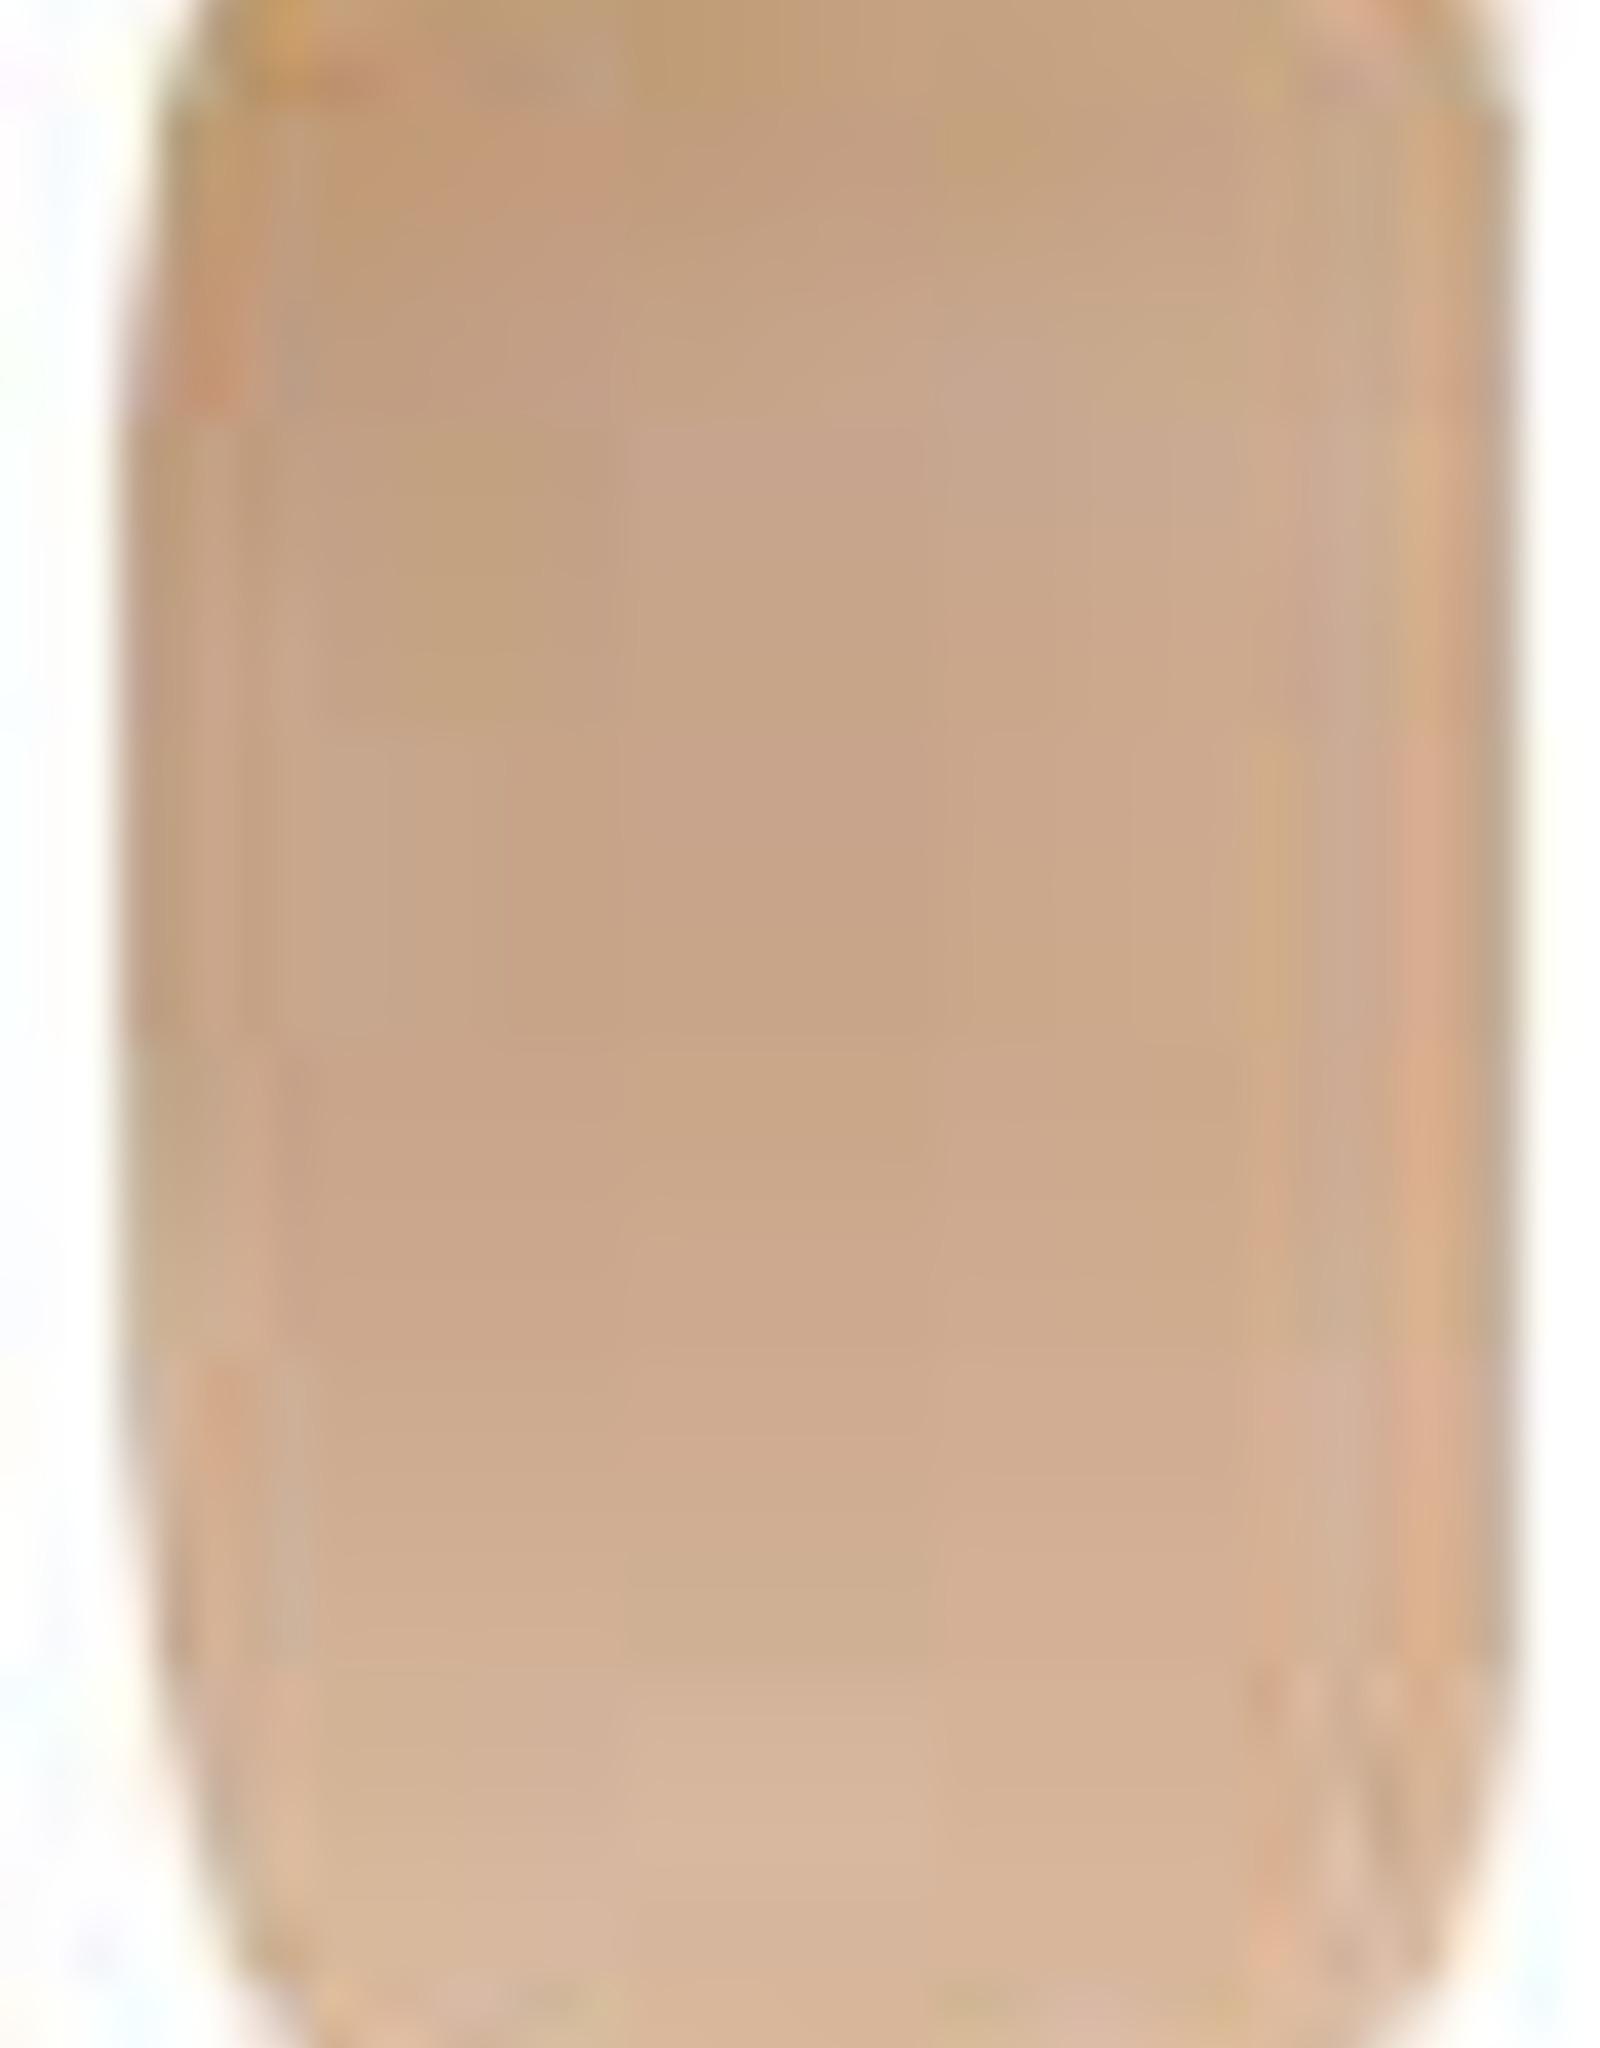 Florence Nails Fiber Gel Camouflage Pink